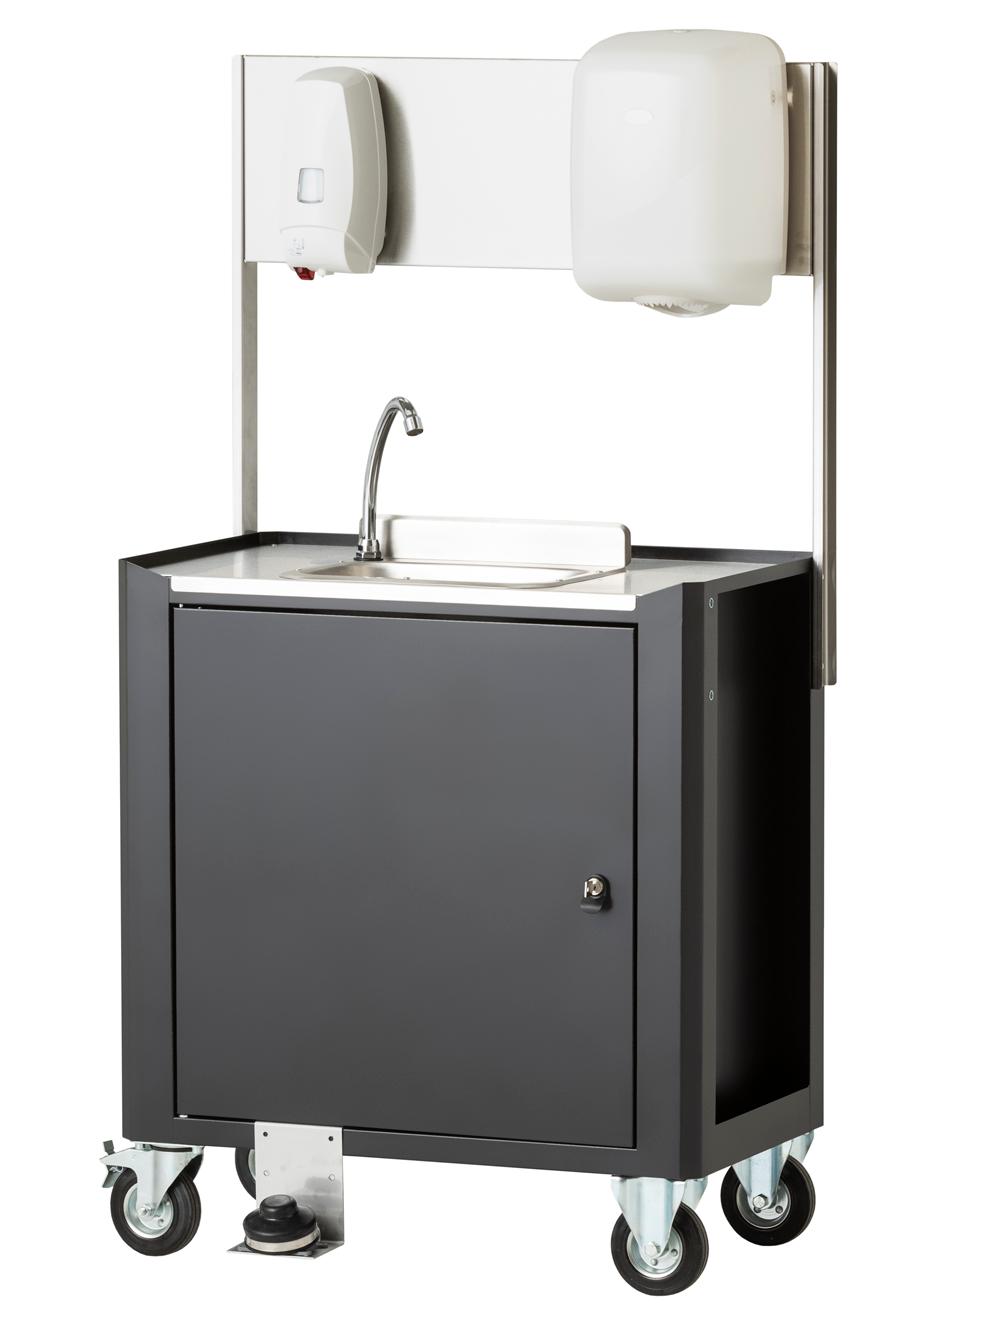 Handwashunit - Multiwagon